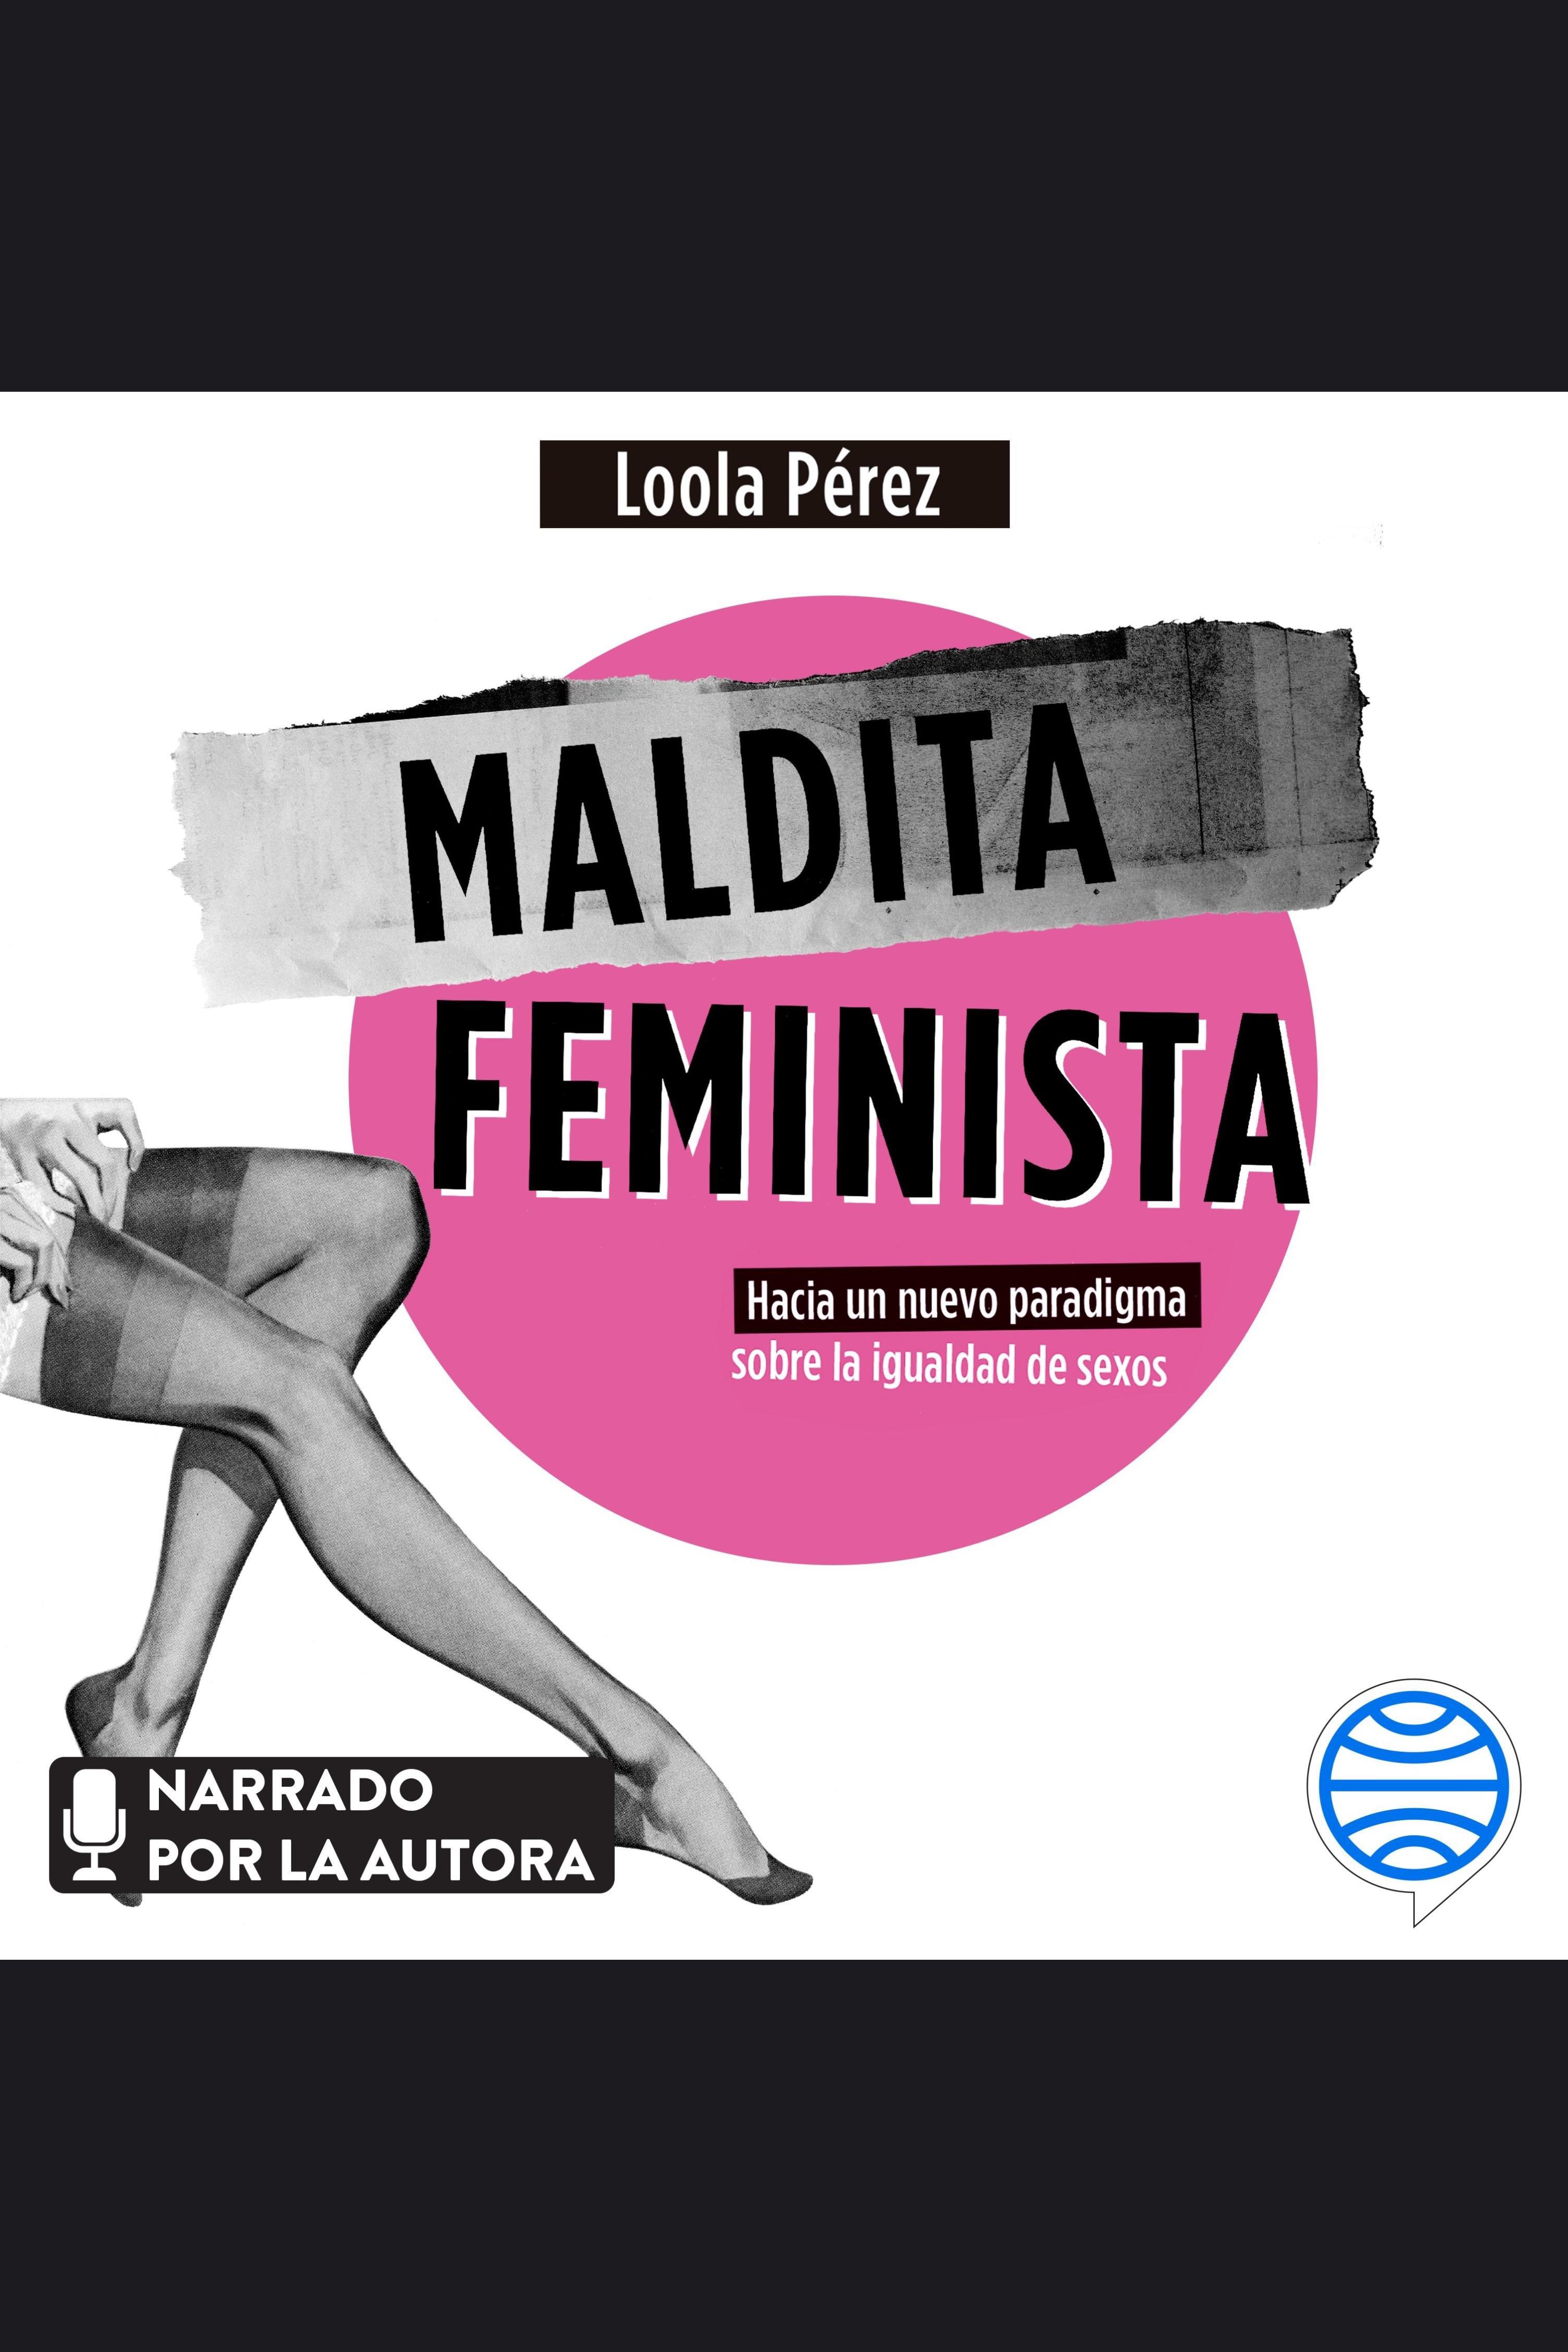 Esta es la portada del audiolibro Maldita feminista